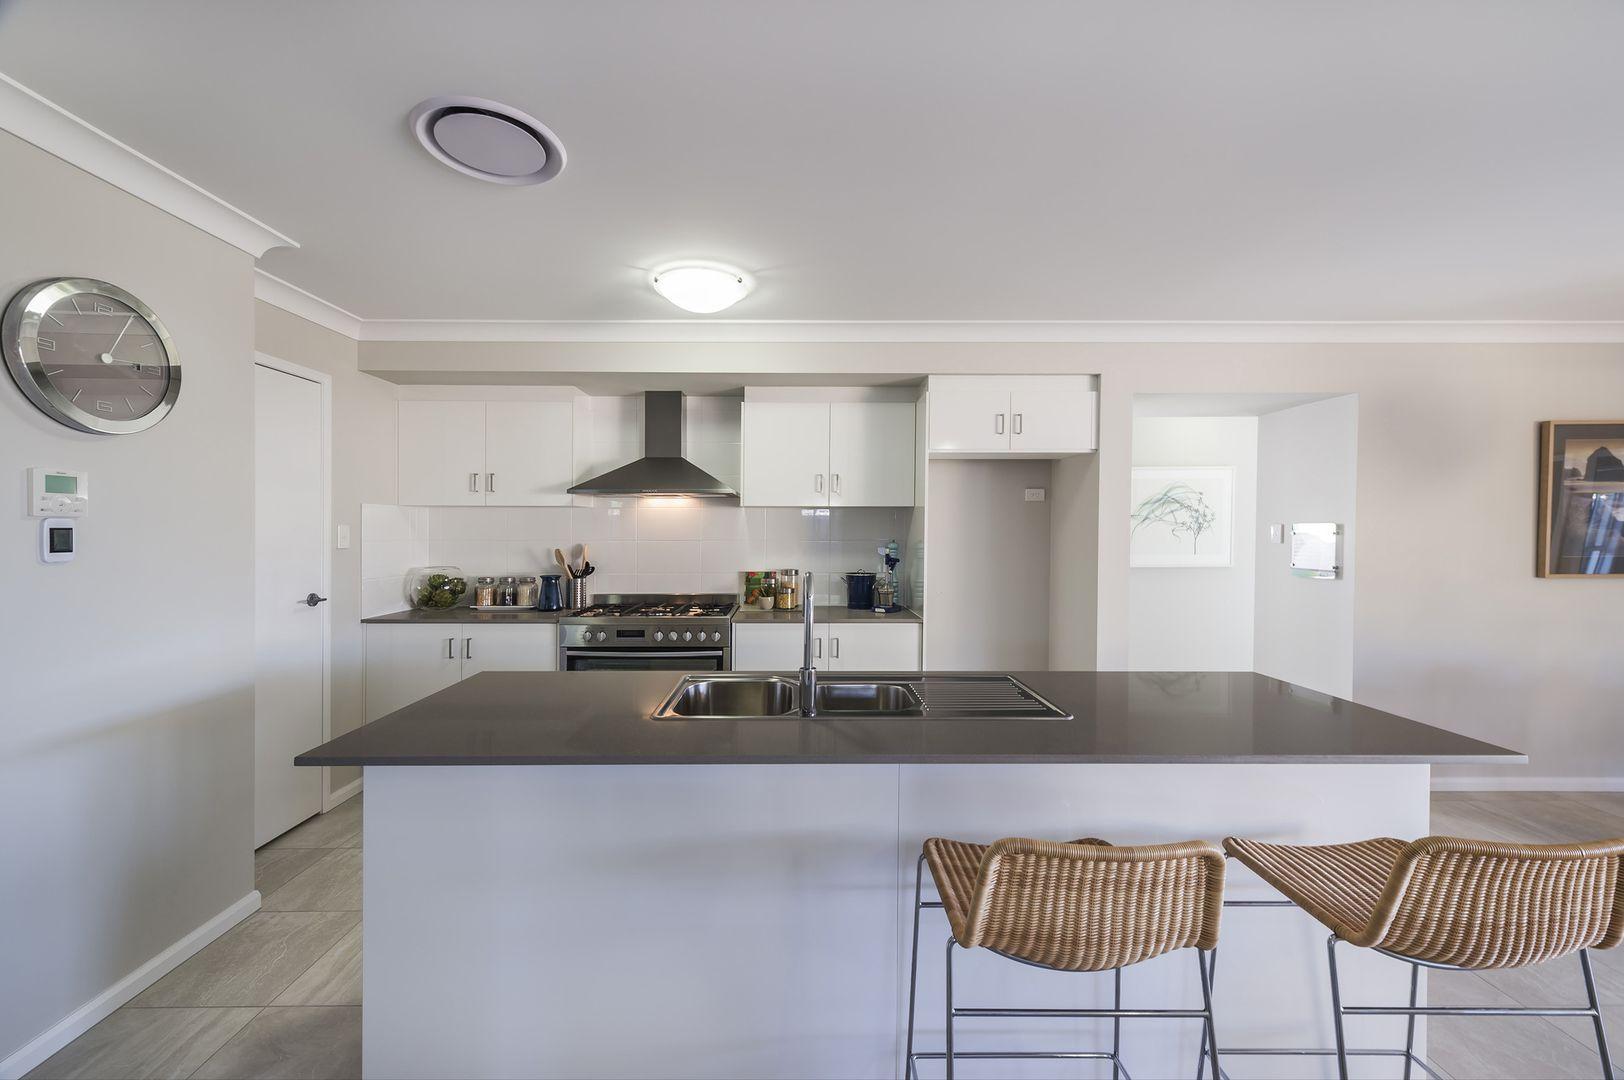 Lot 60 Renell Street Bargara Rise Estate, Bargara QLD 4670, Image 2